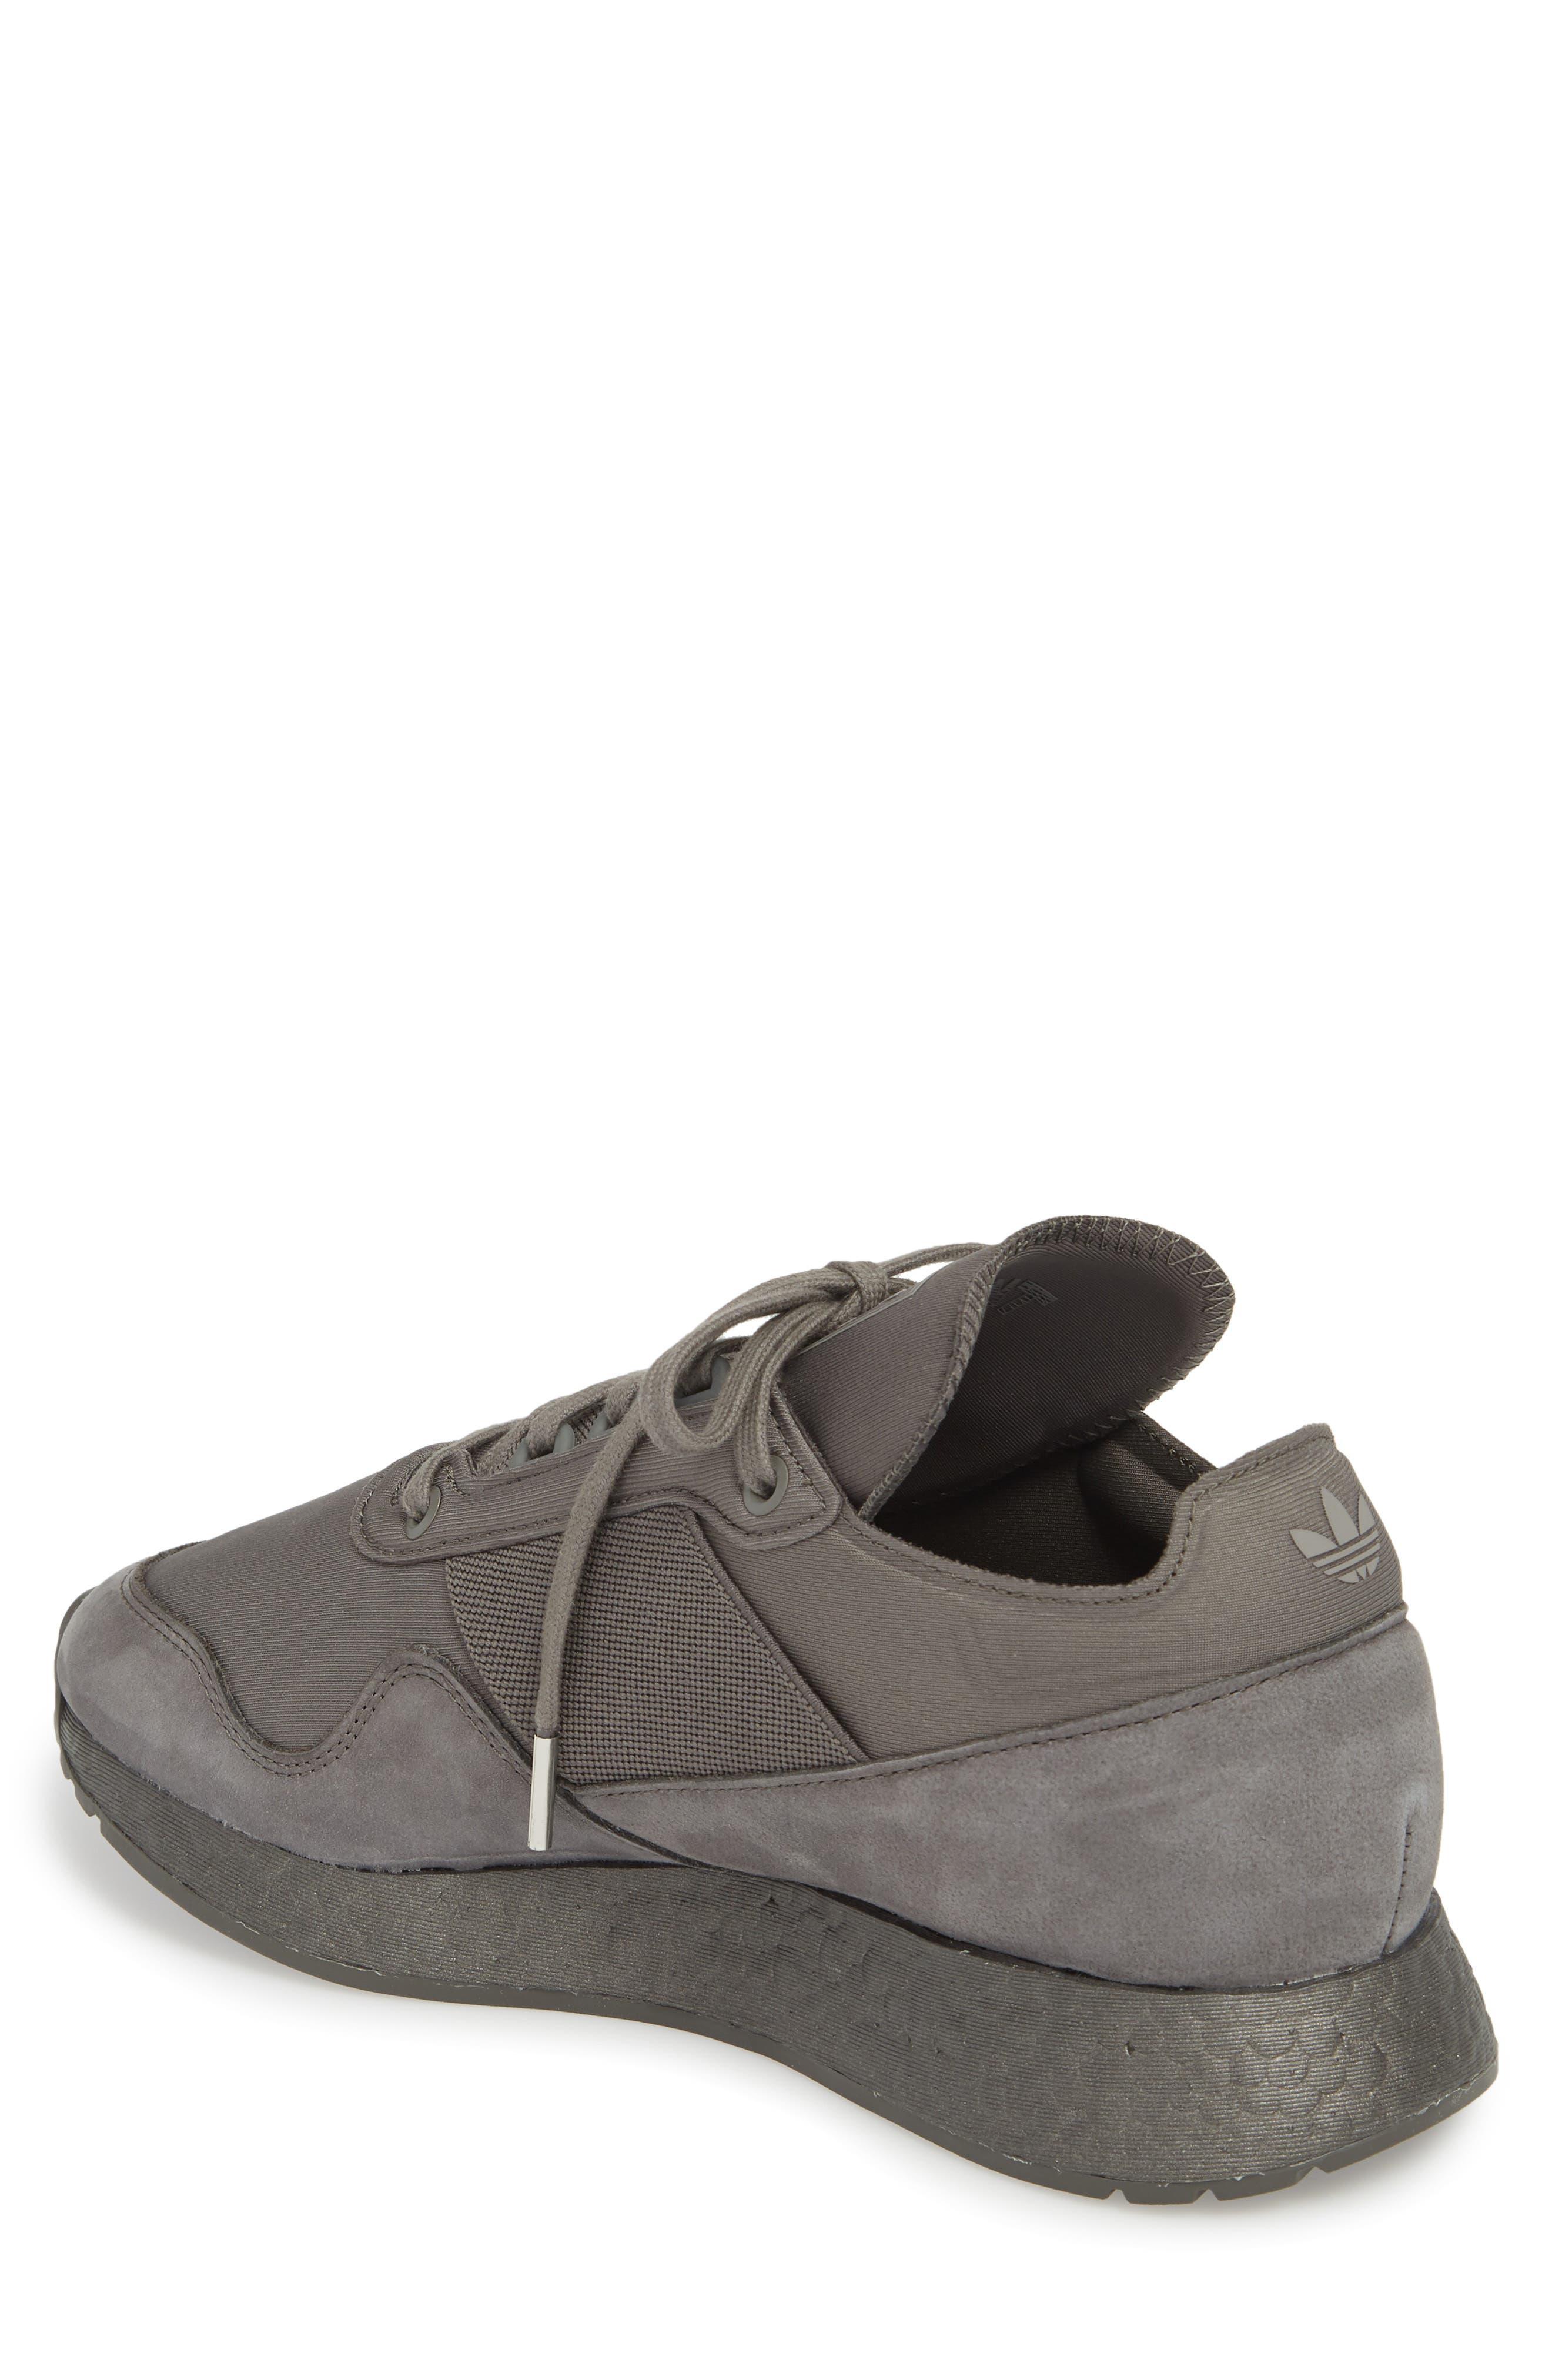 New York Present Arsham Sneaker,                             Alternate thumbnail 2, color,                             Grey